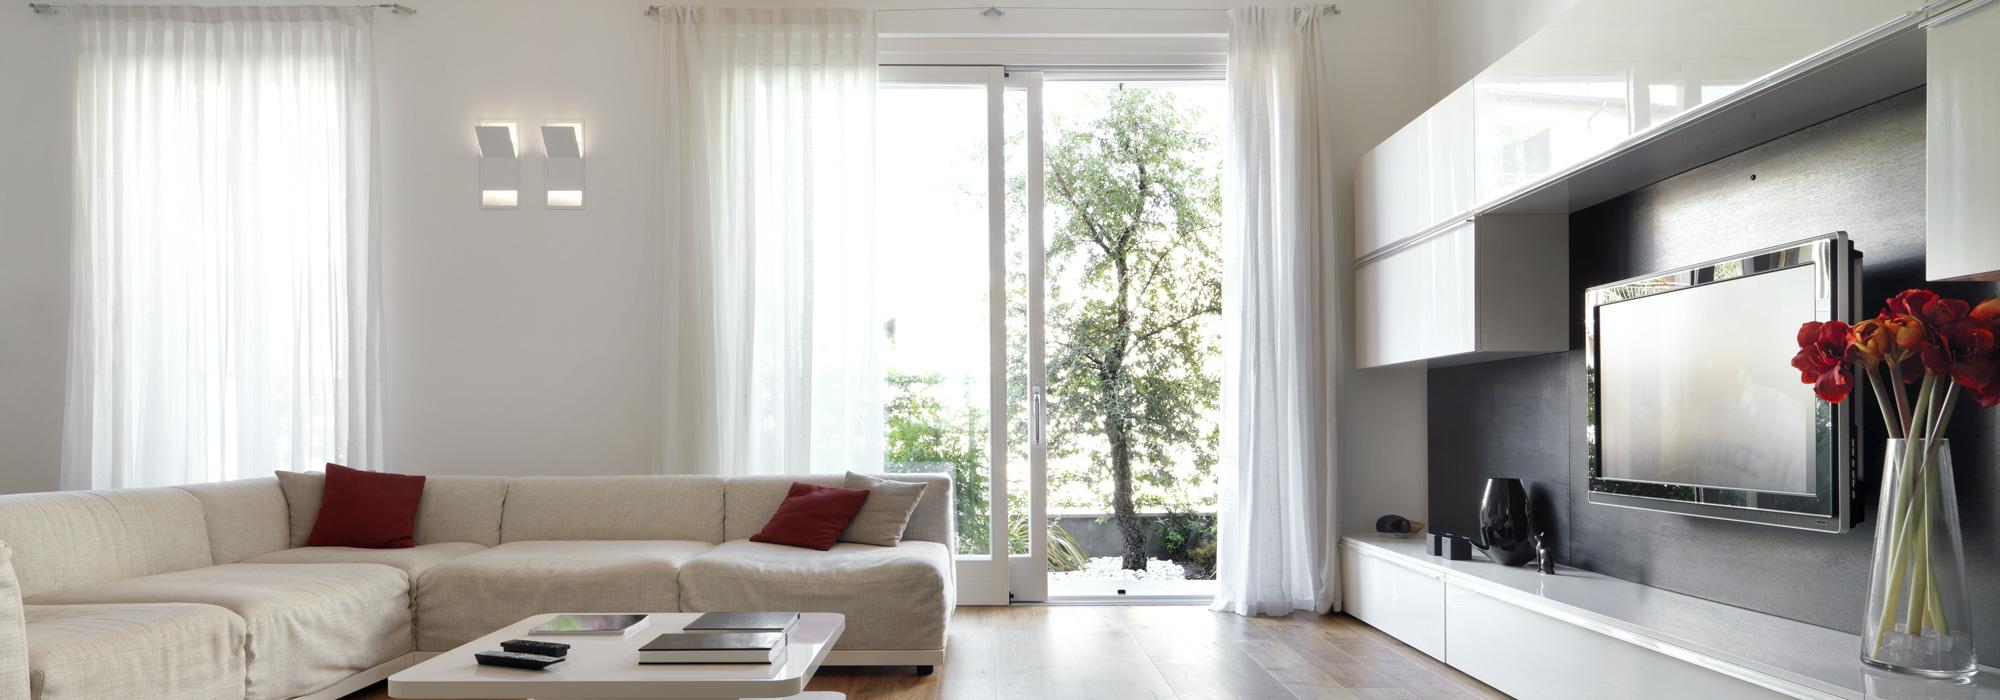 Consulenza immobiliare personalizzata